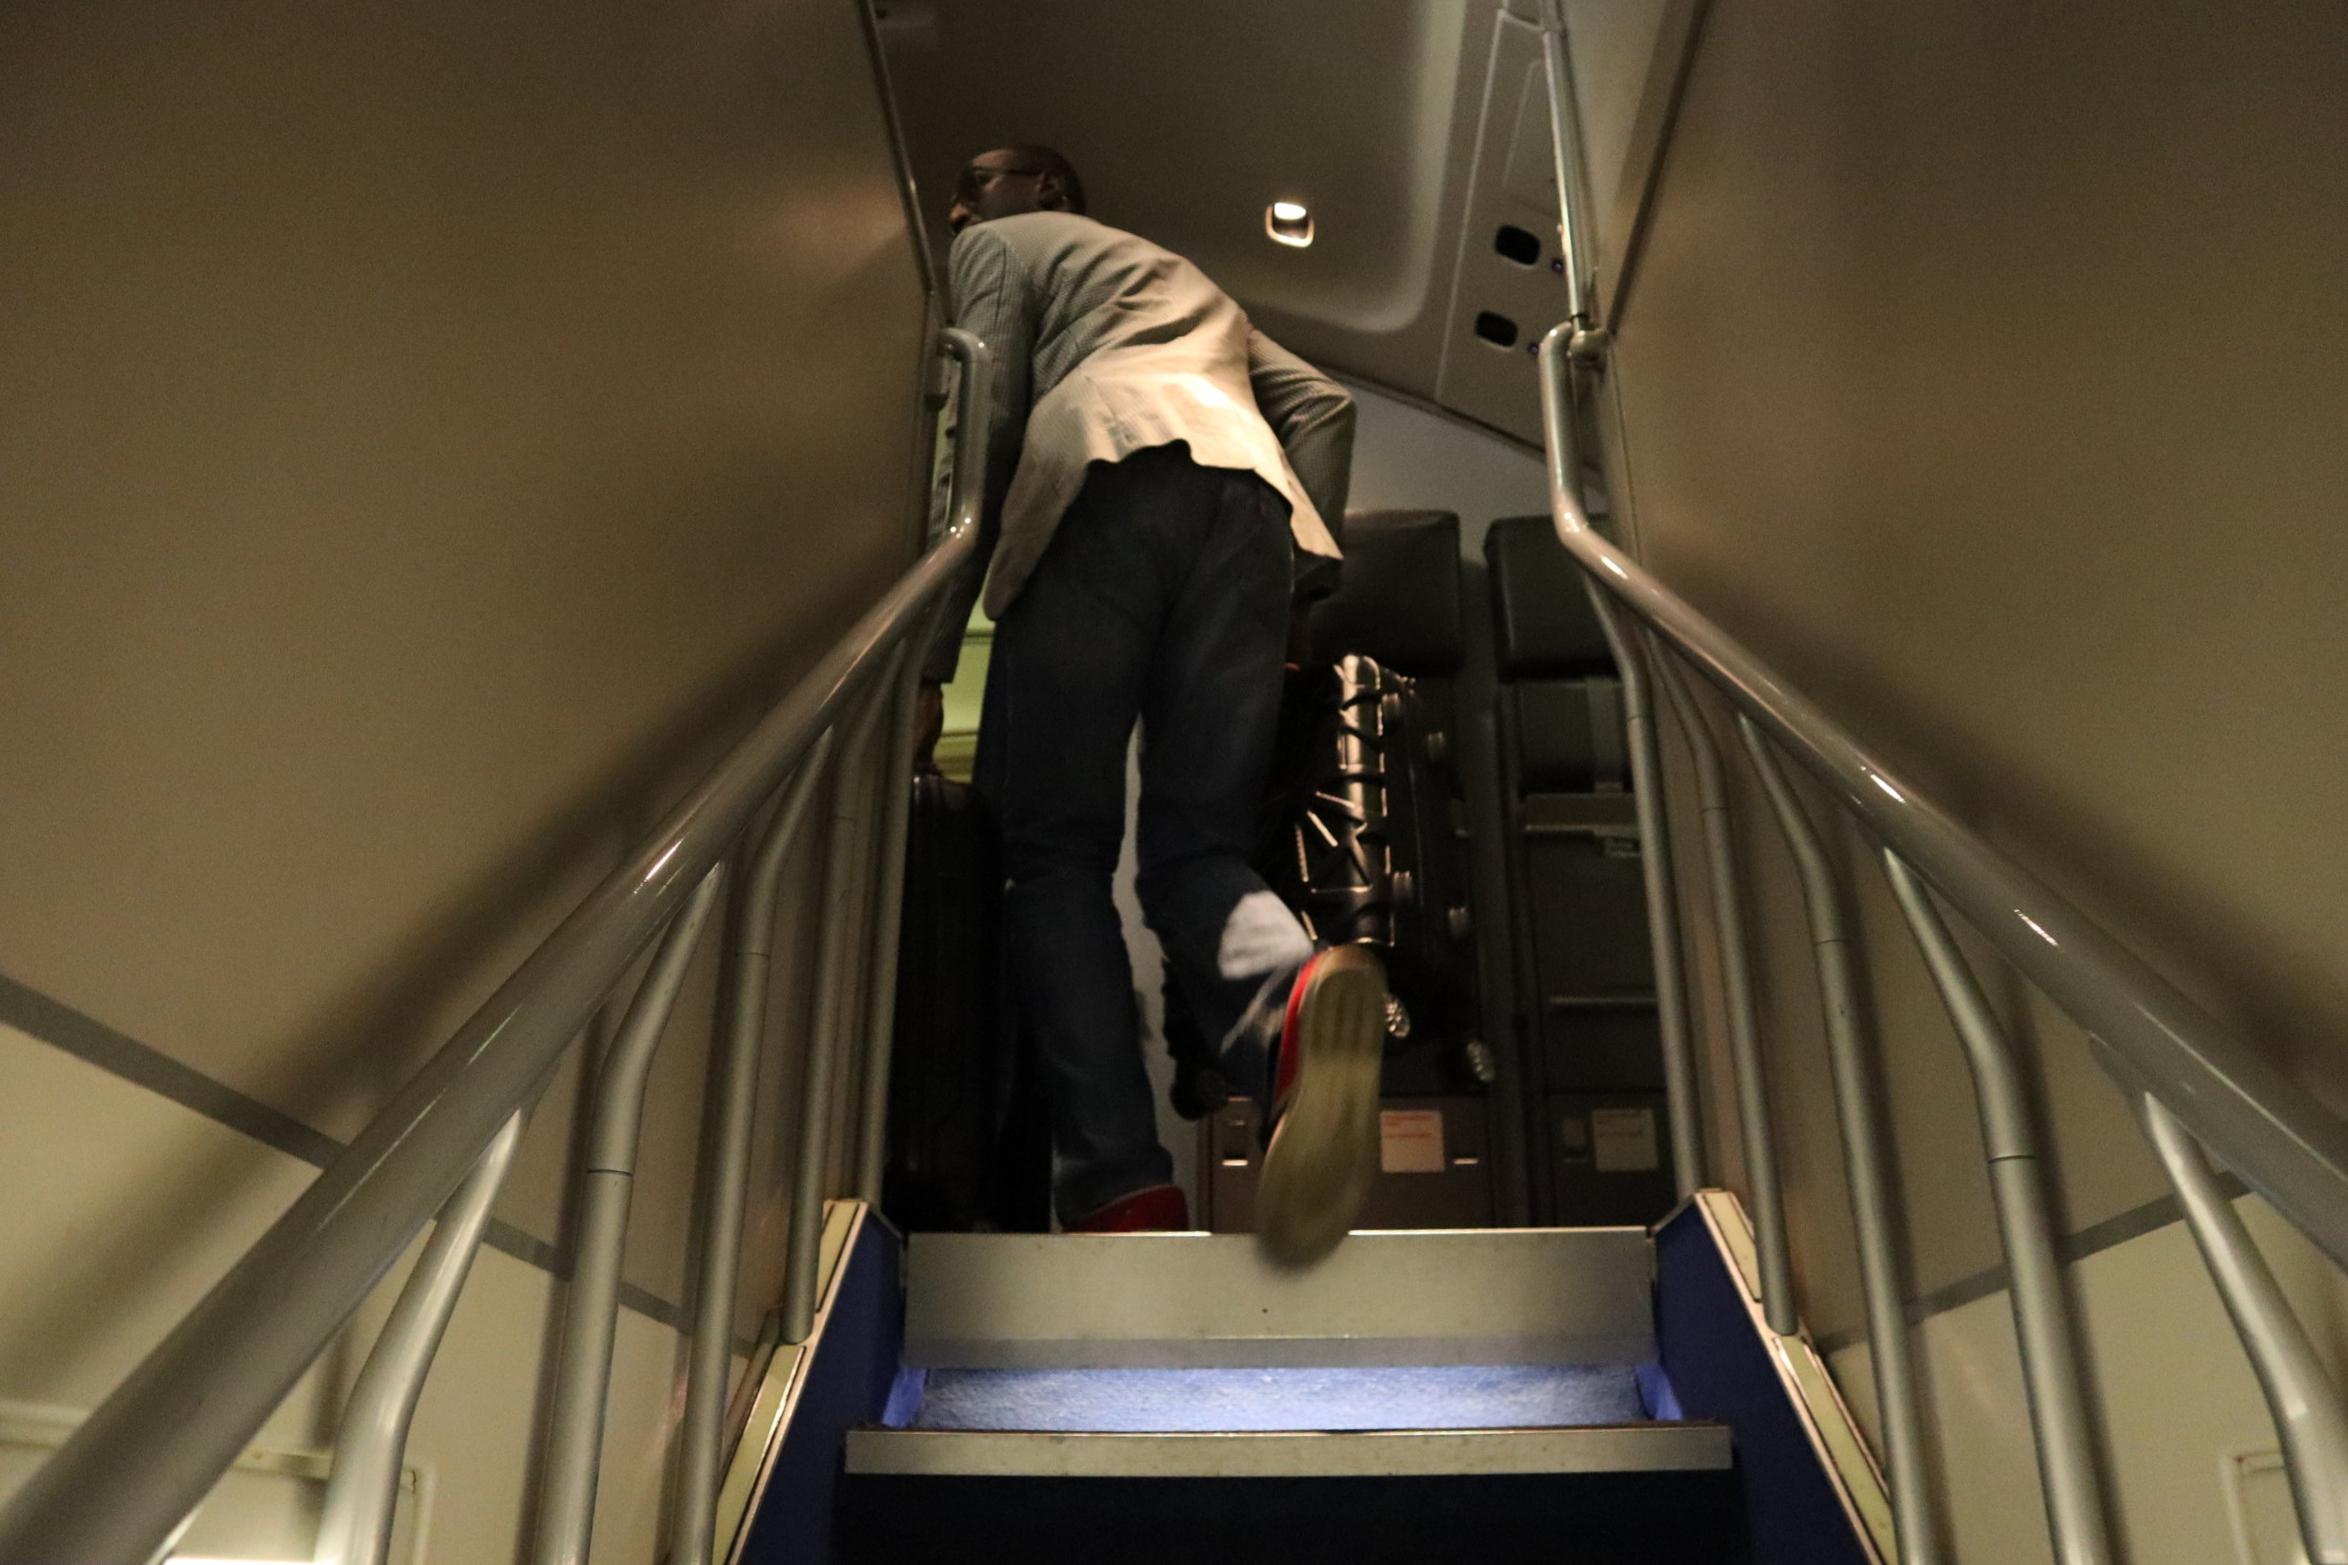 Lufthansa 747-400 business class – Stairway to upper deck